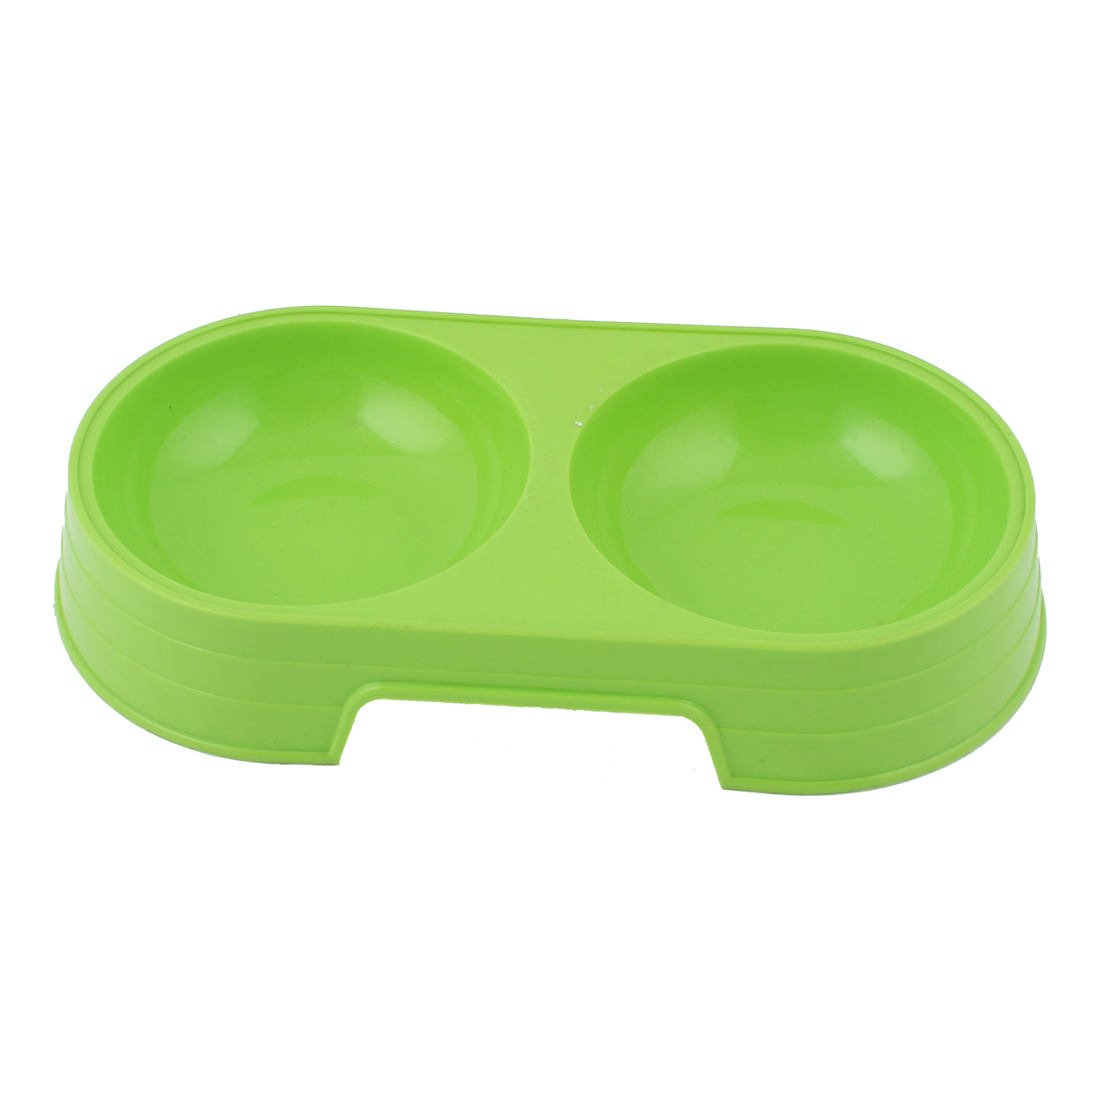 Green Plastic Pet Dog Doggy Dual Feeder Food Water Feeding Bowl Dish